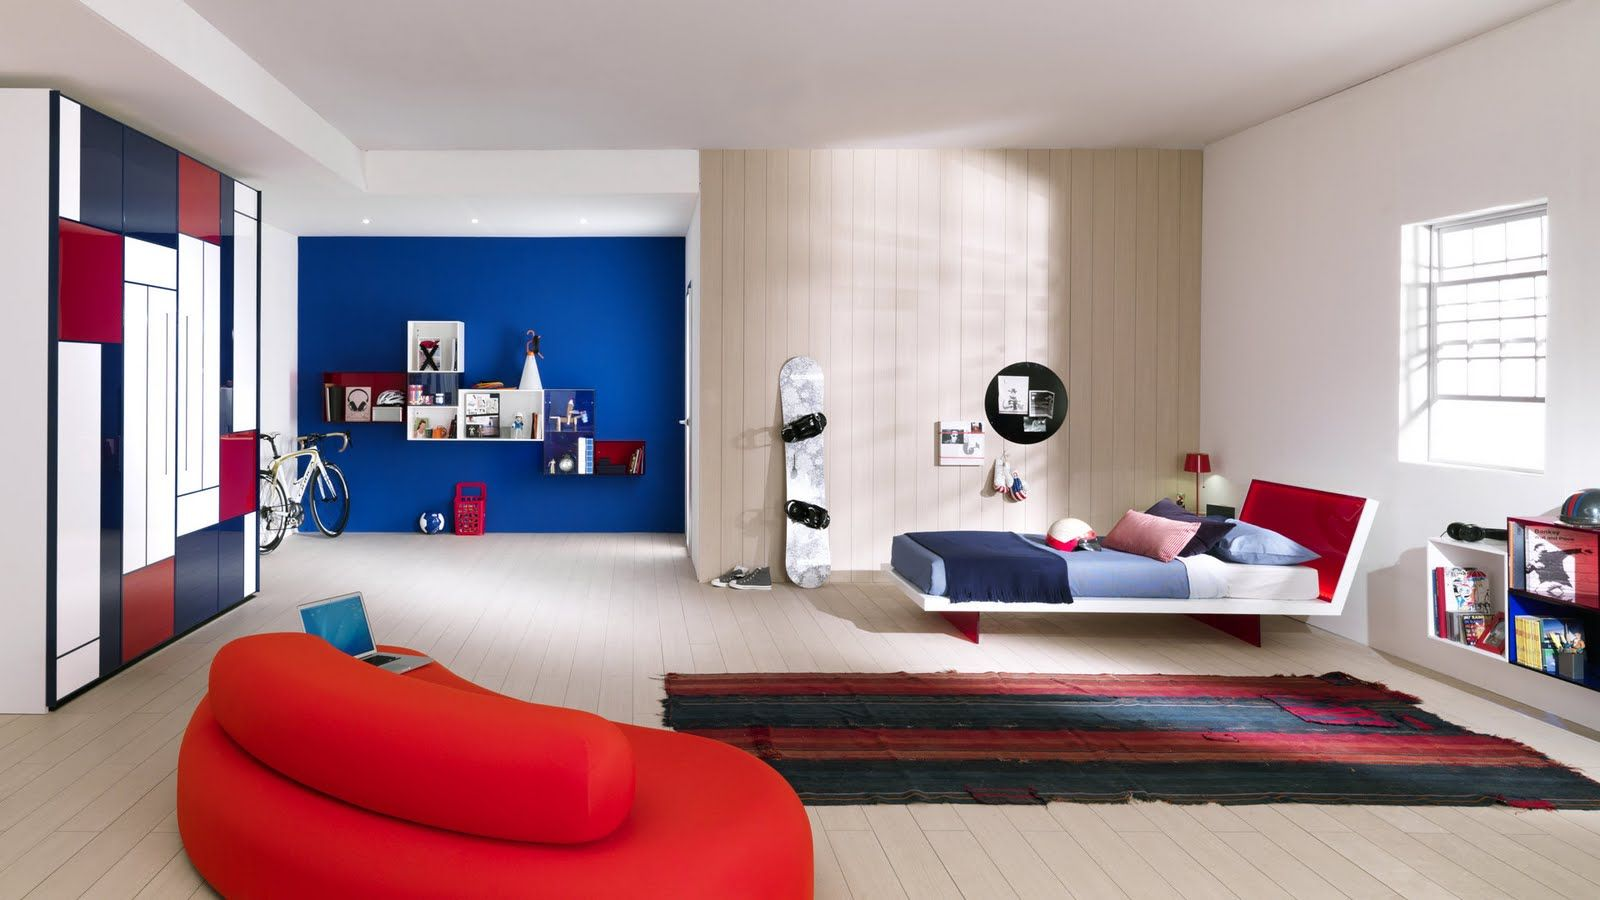 La decoraci n de las habitaciones juveniles puede ser - Decoracion habitaciones juveniles ...